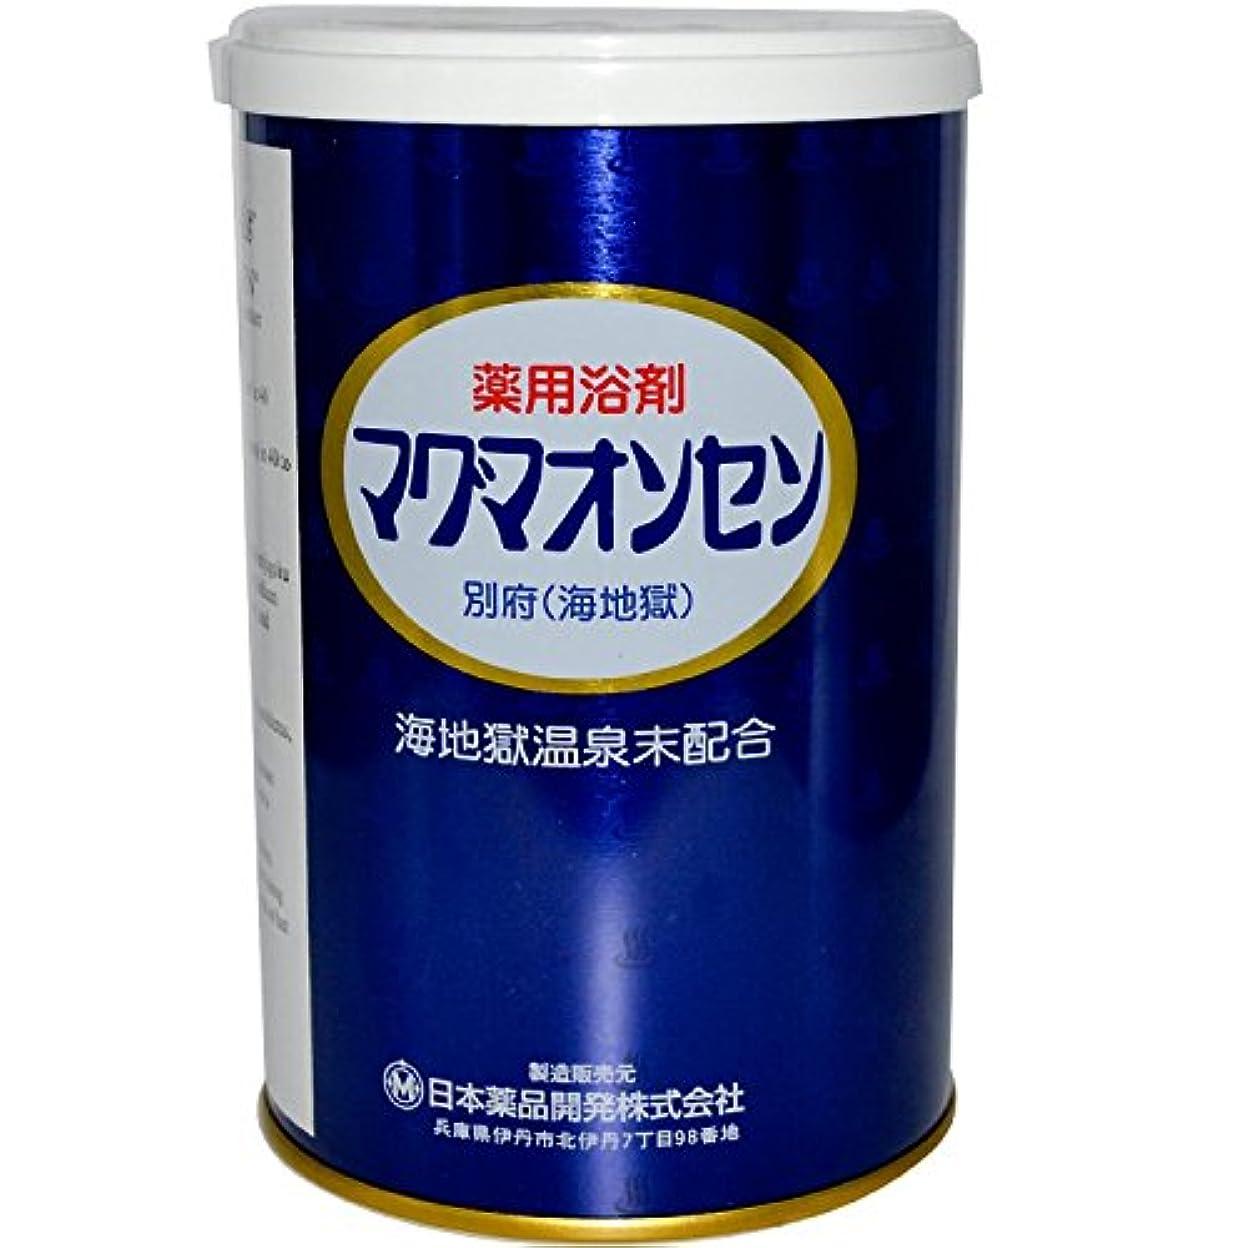 モーターカトリック教徒約束する薬用浴剤マグマオンセン別府(海地獄)500gx4個